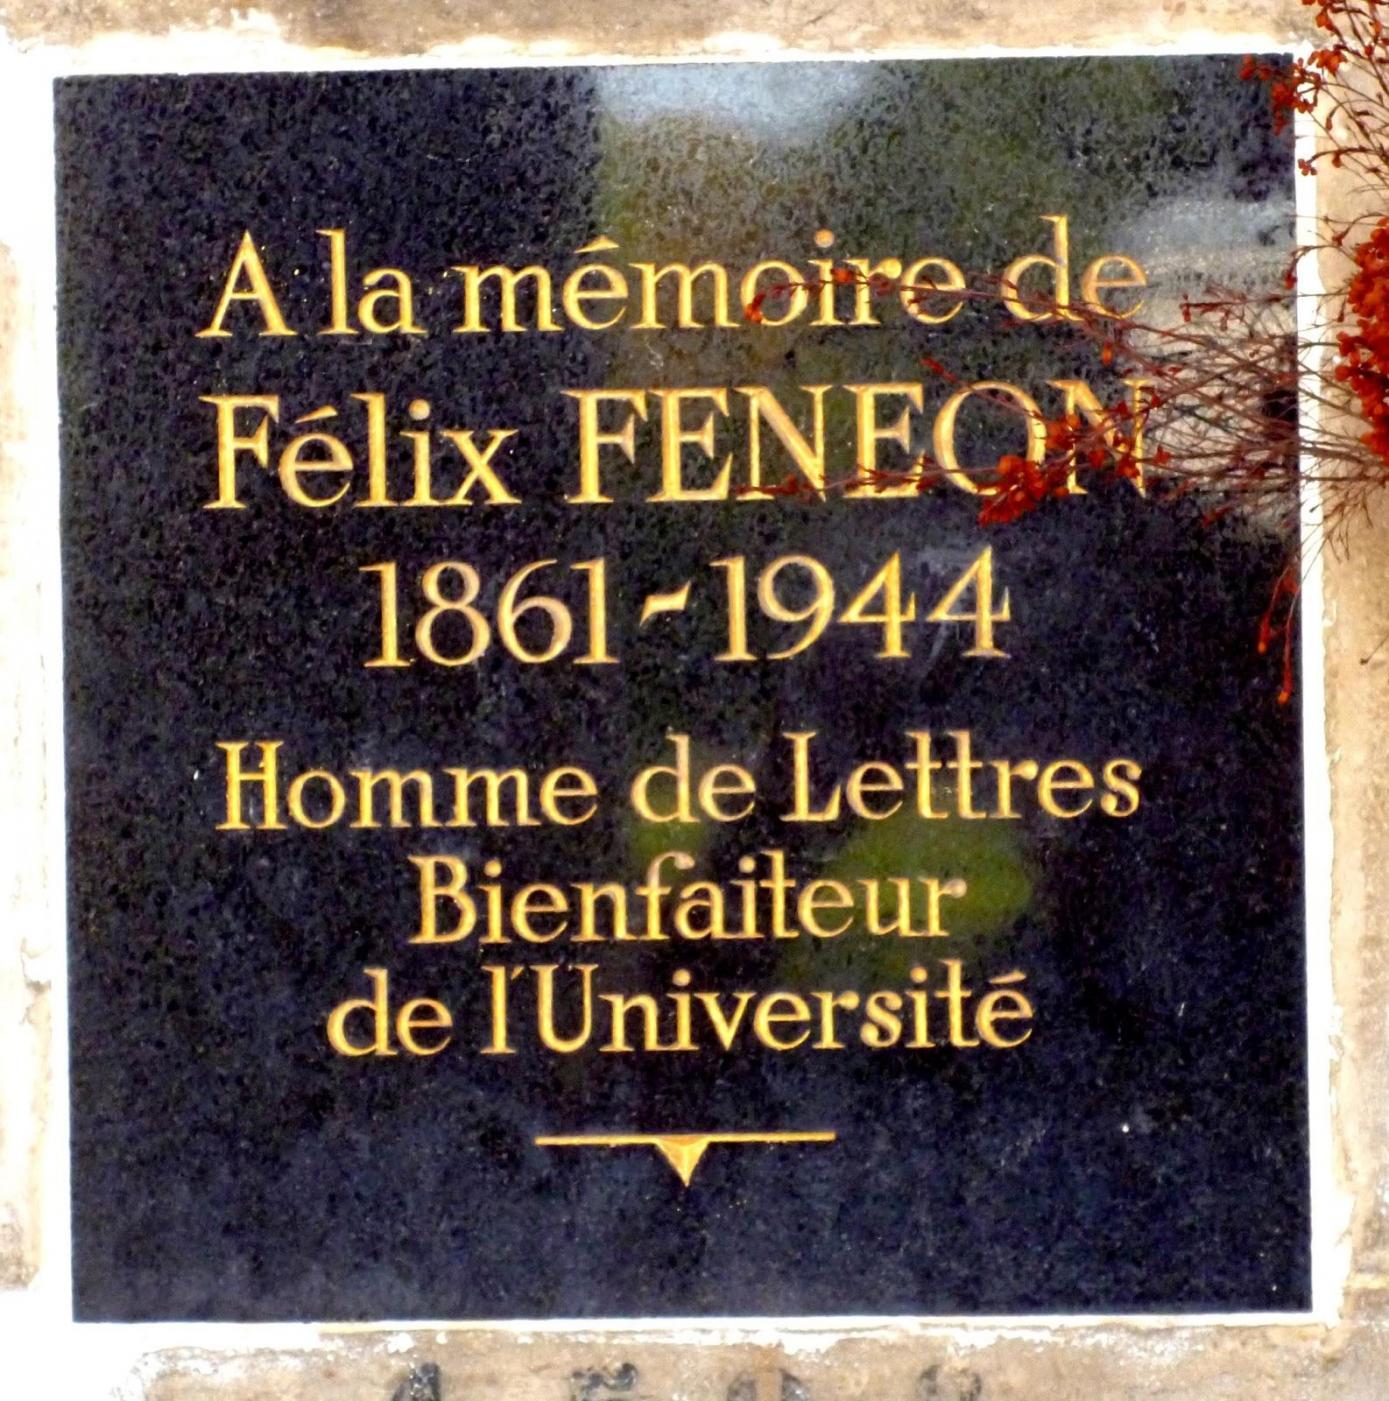 france 2 023 (1).JPG